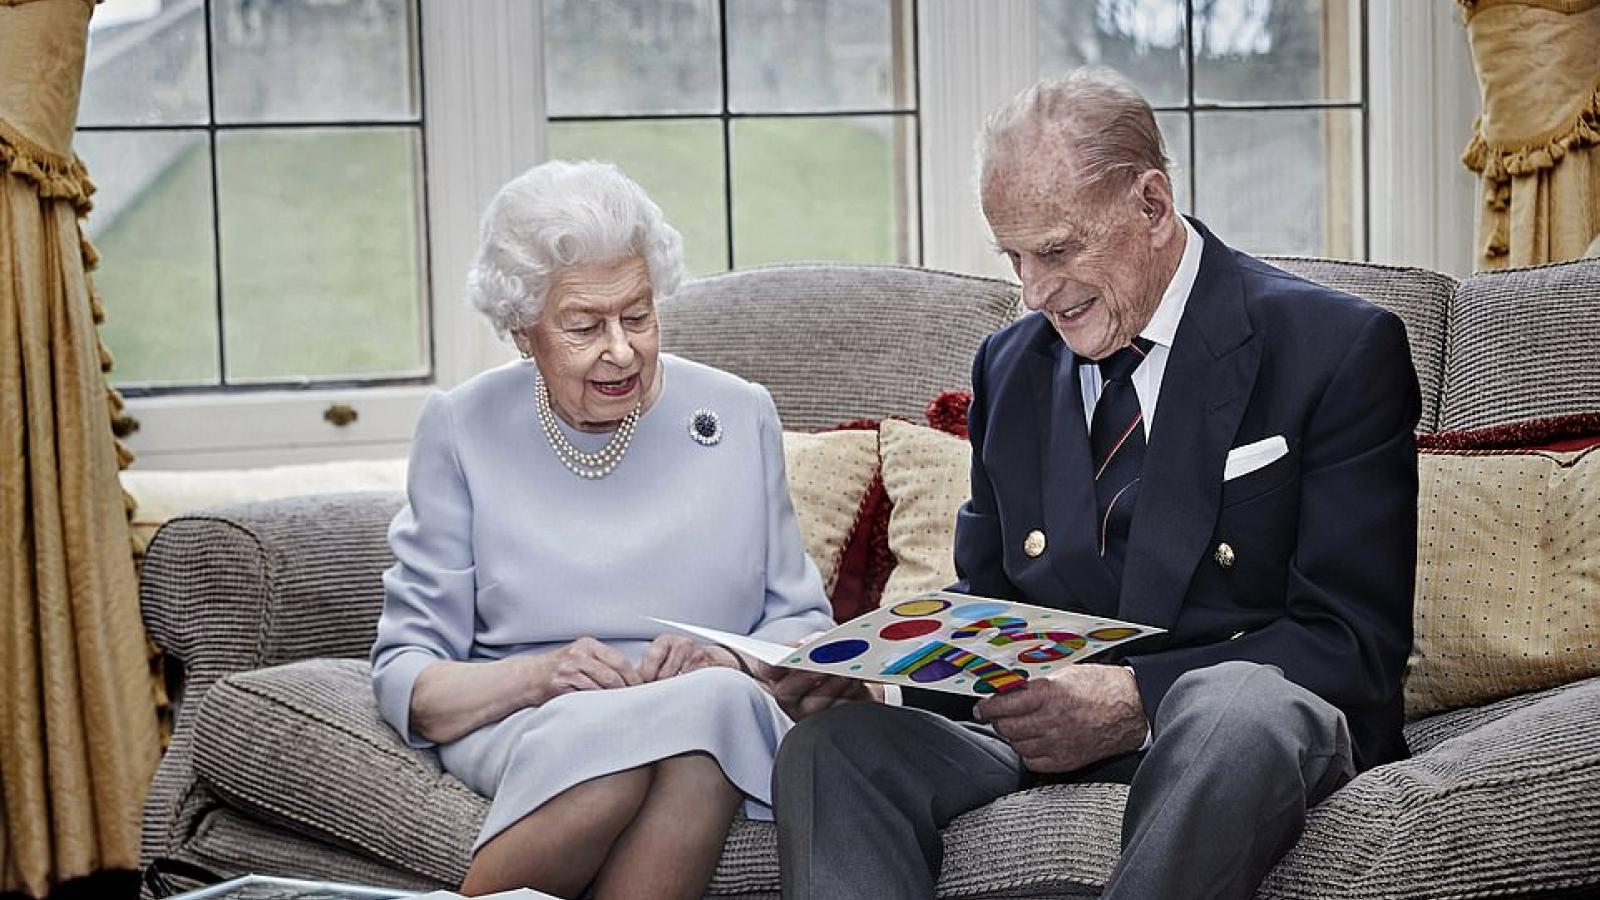 Chân dung Hoàng thân Philip - người chồng vừa qua đời ở tuổi 99 của Nữ hoàng Anh Elizabeth